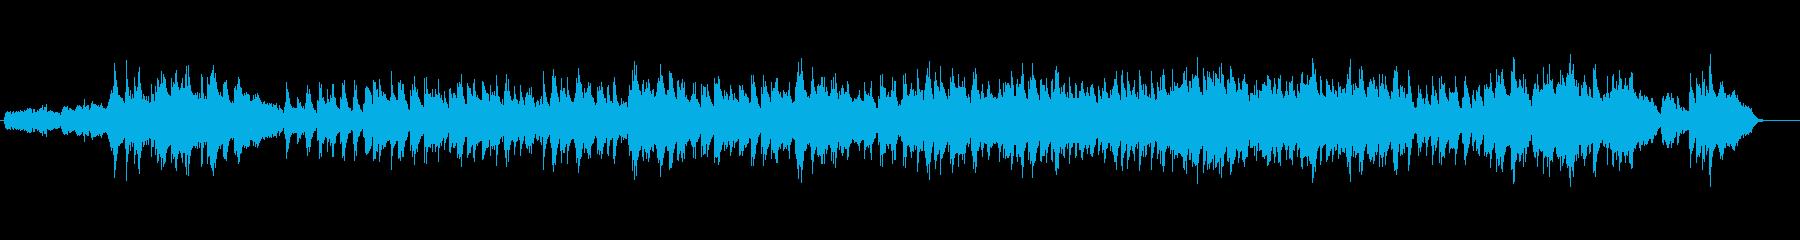 しっとりとして落ち着いたジャズバラードの再生済みの波形